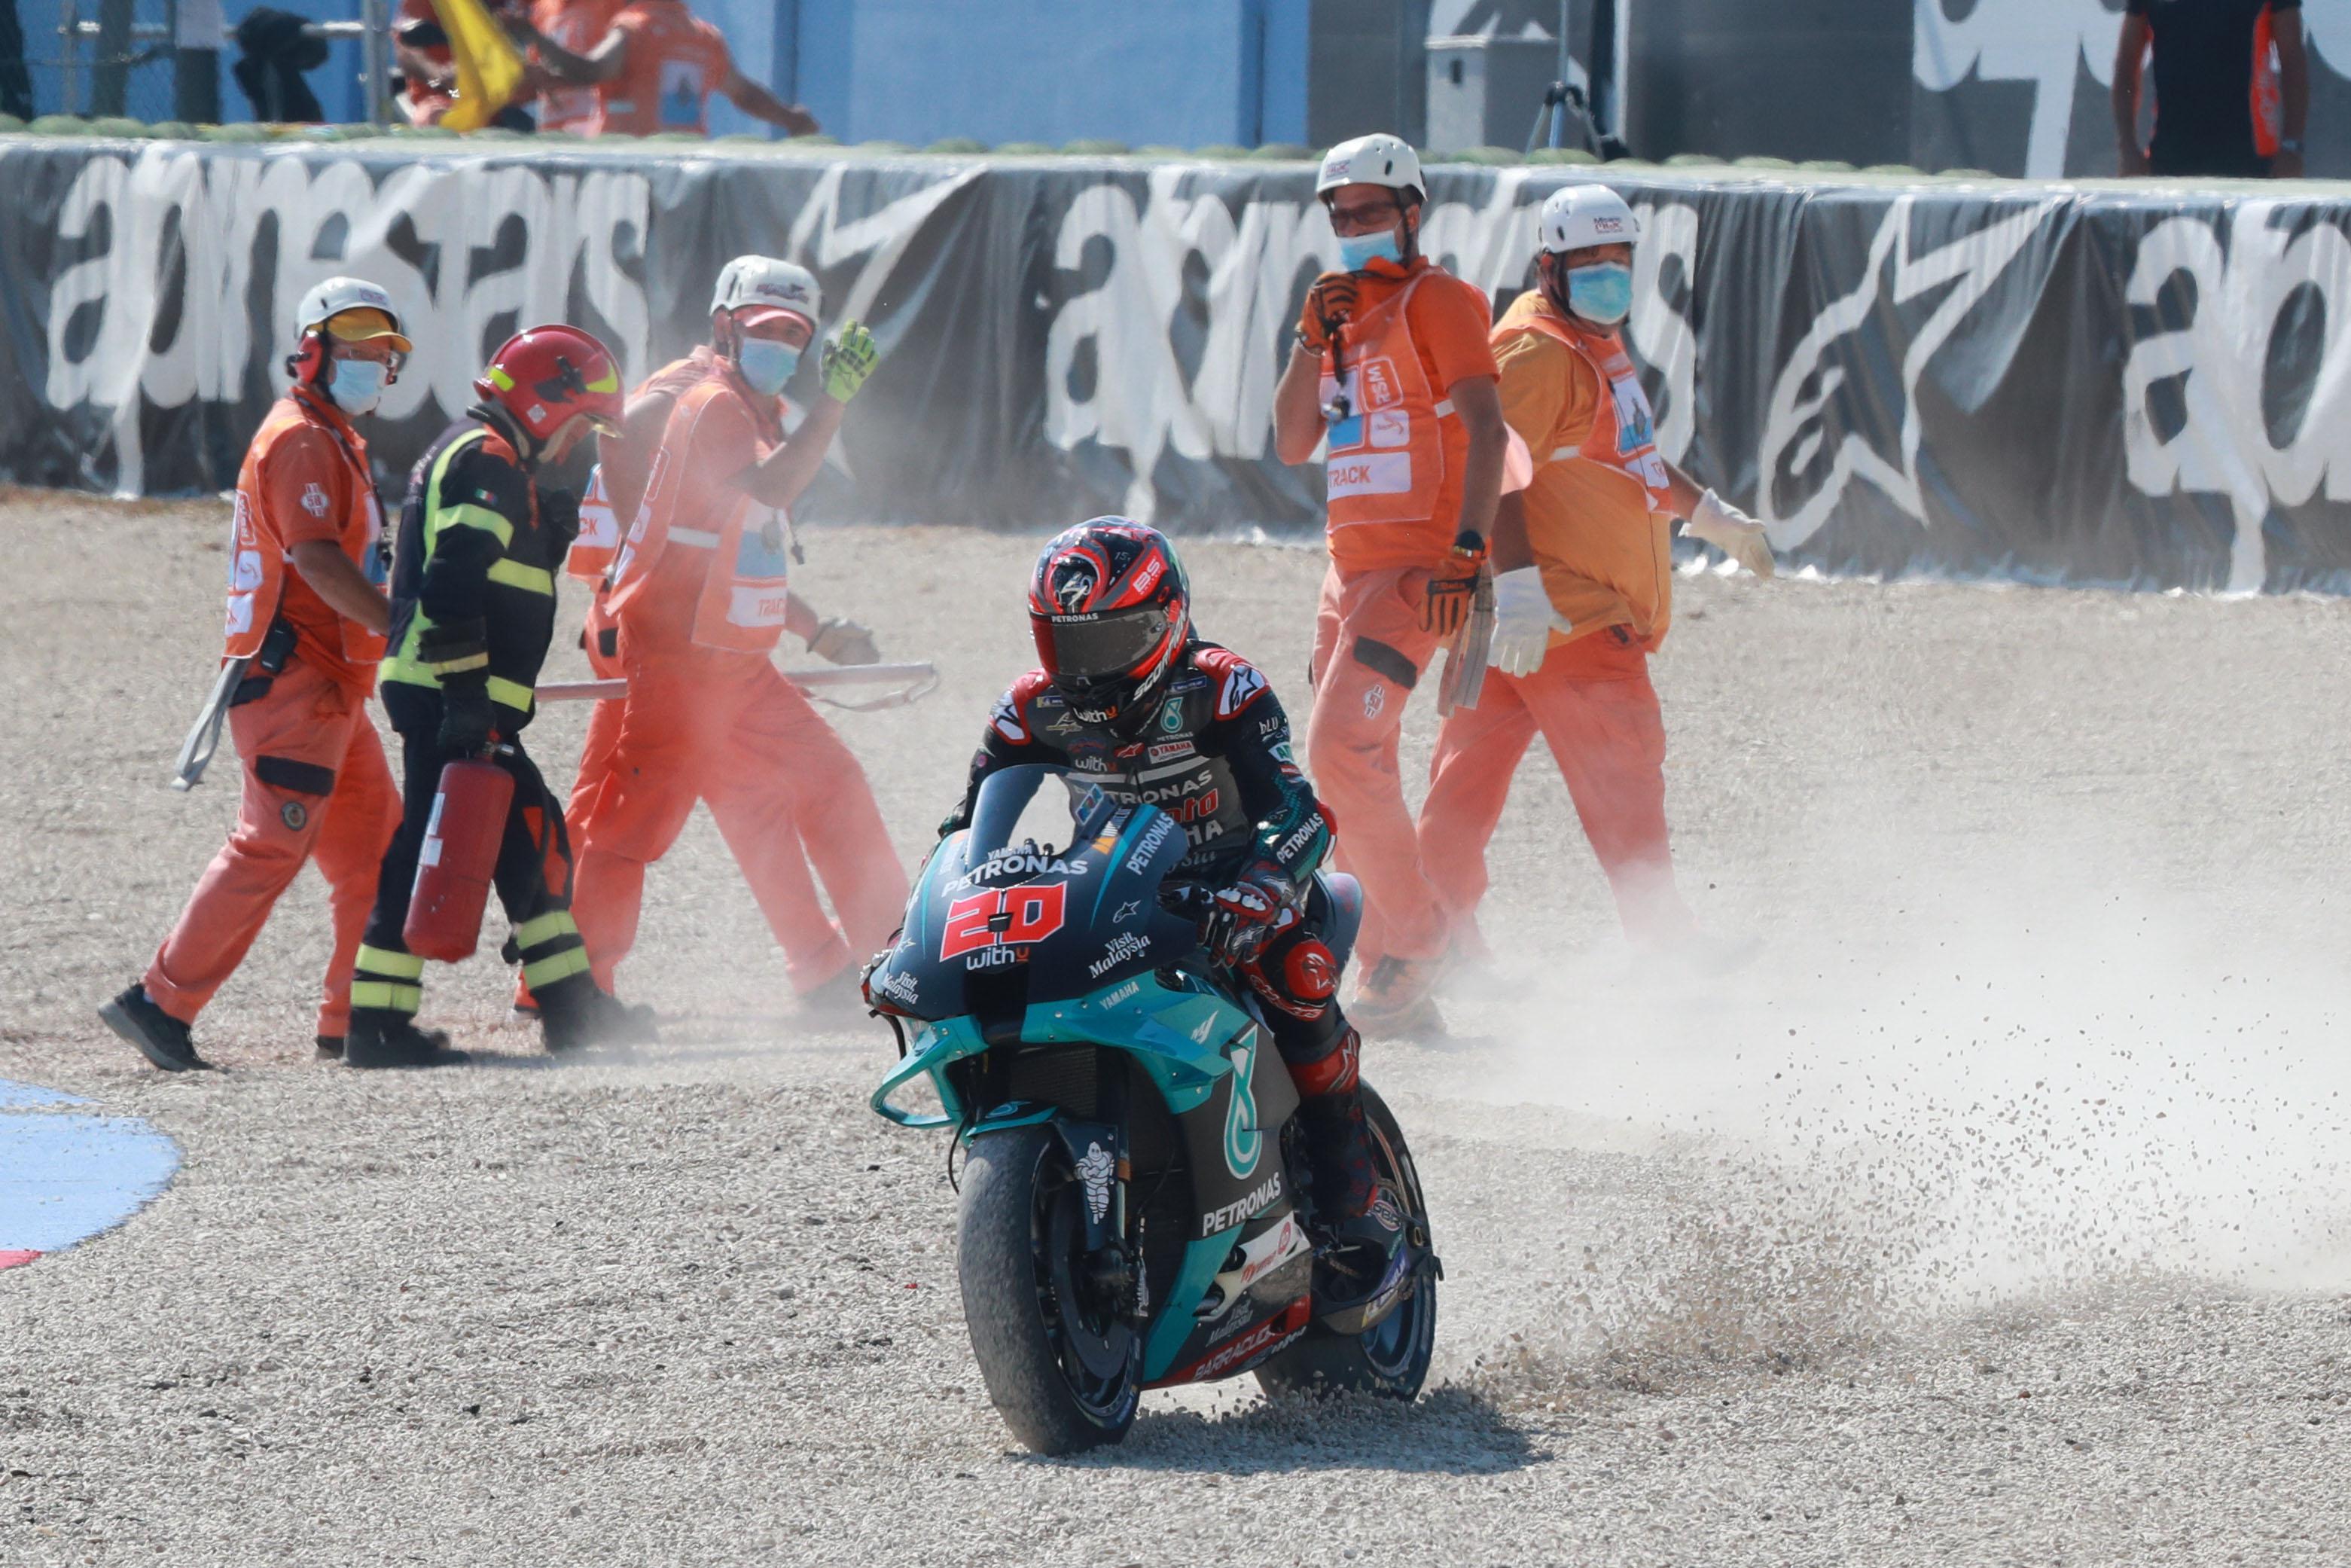 Fabio Quartararo crash Misano MotoGP 2020